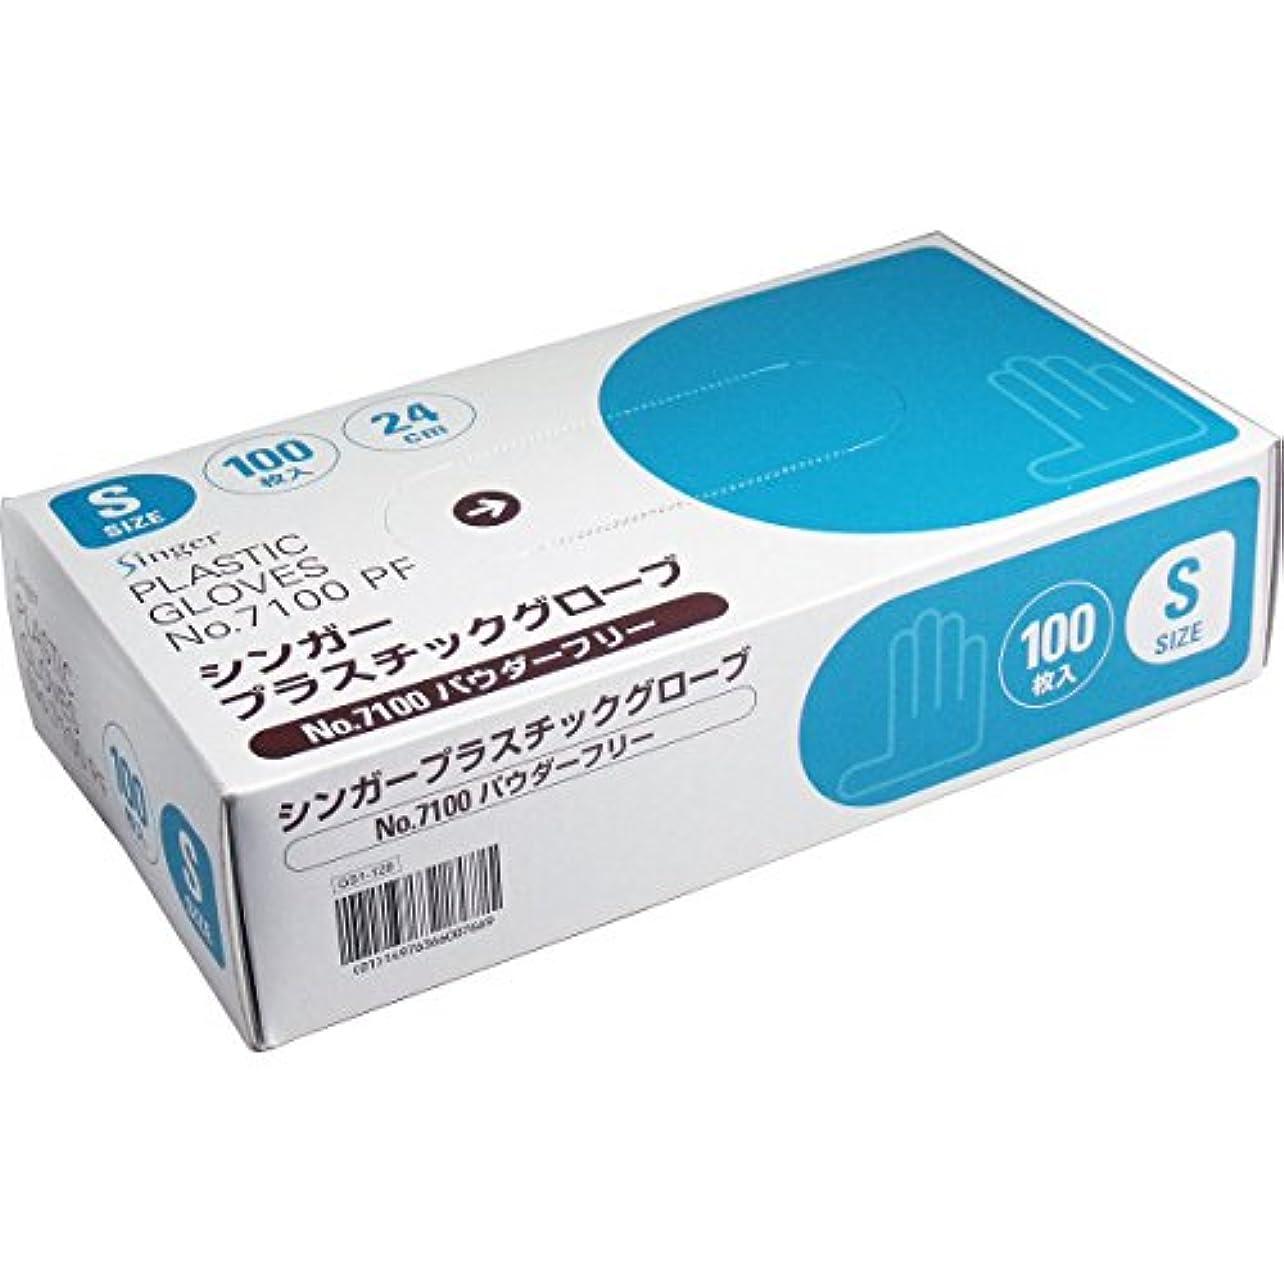 ジュラシックパーク謝る追い払うシンガープラスチックグローブ No.7100 パウダーフリー Sサイズ 100枚入×10個セット